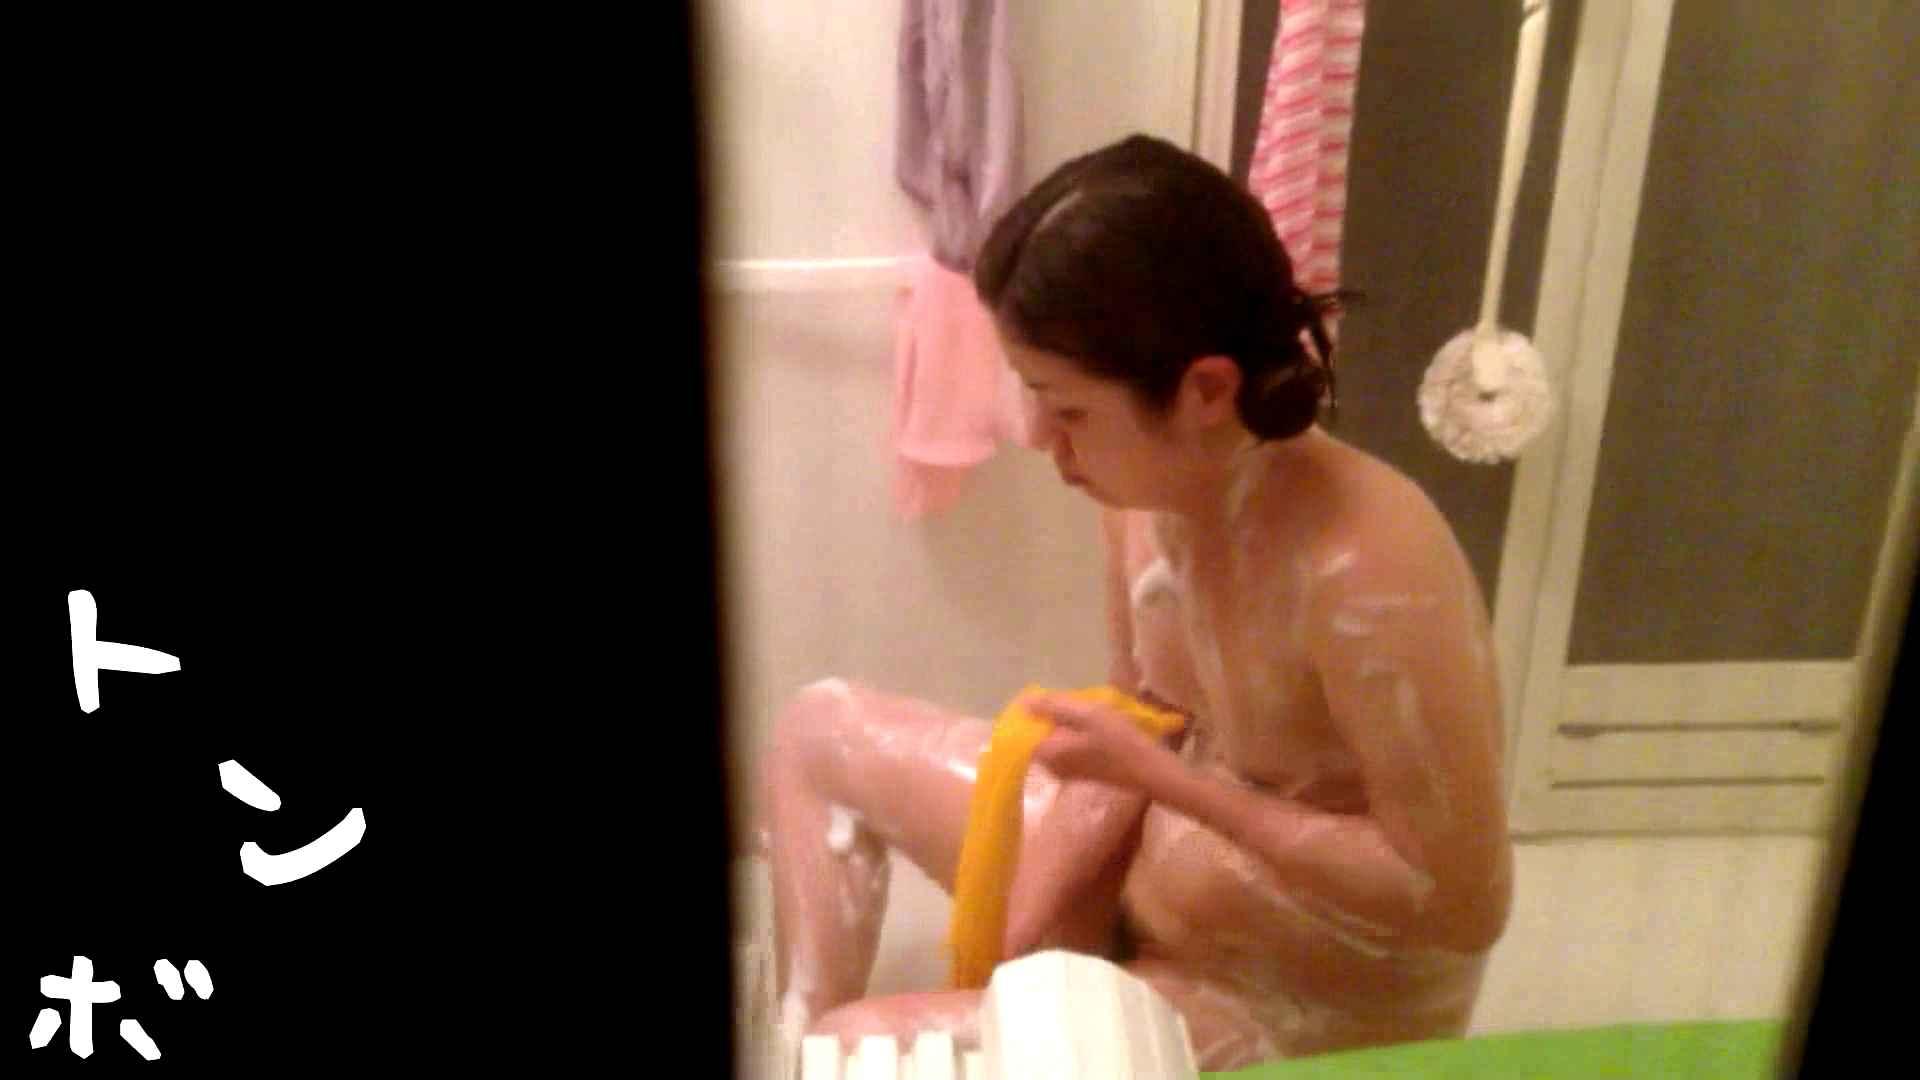 リアル盗撮 美人女市女末の入浴(女市 OL編) 高画質 エロ画像 109PIX 9